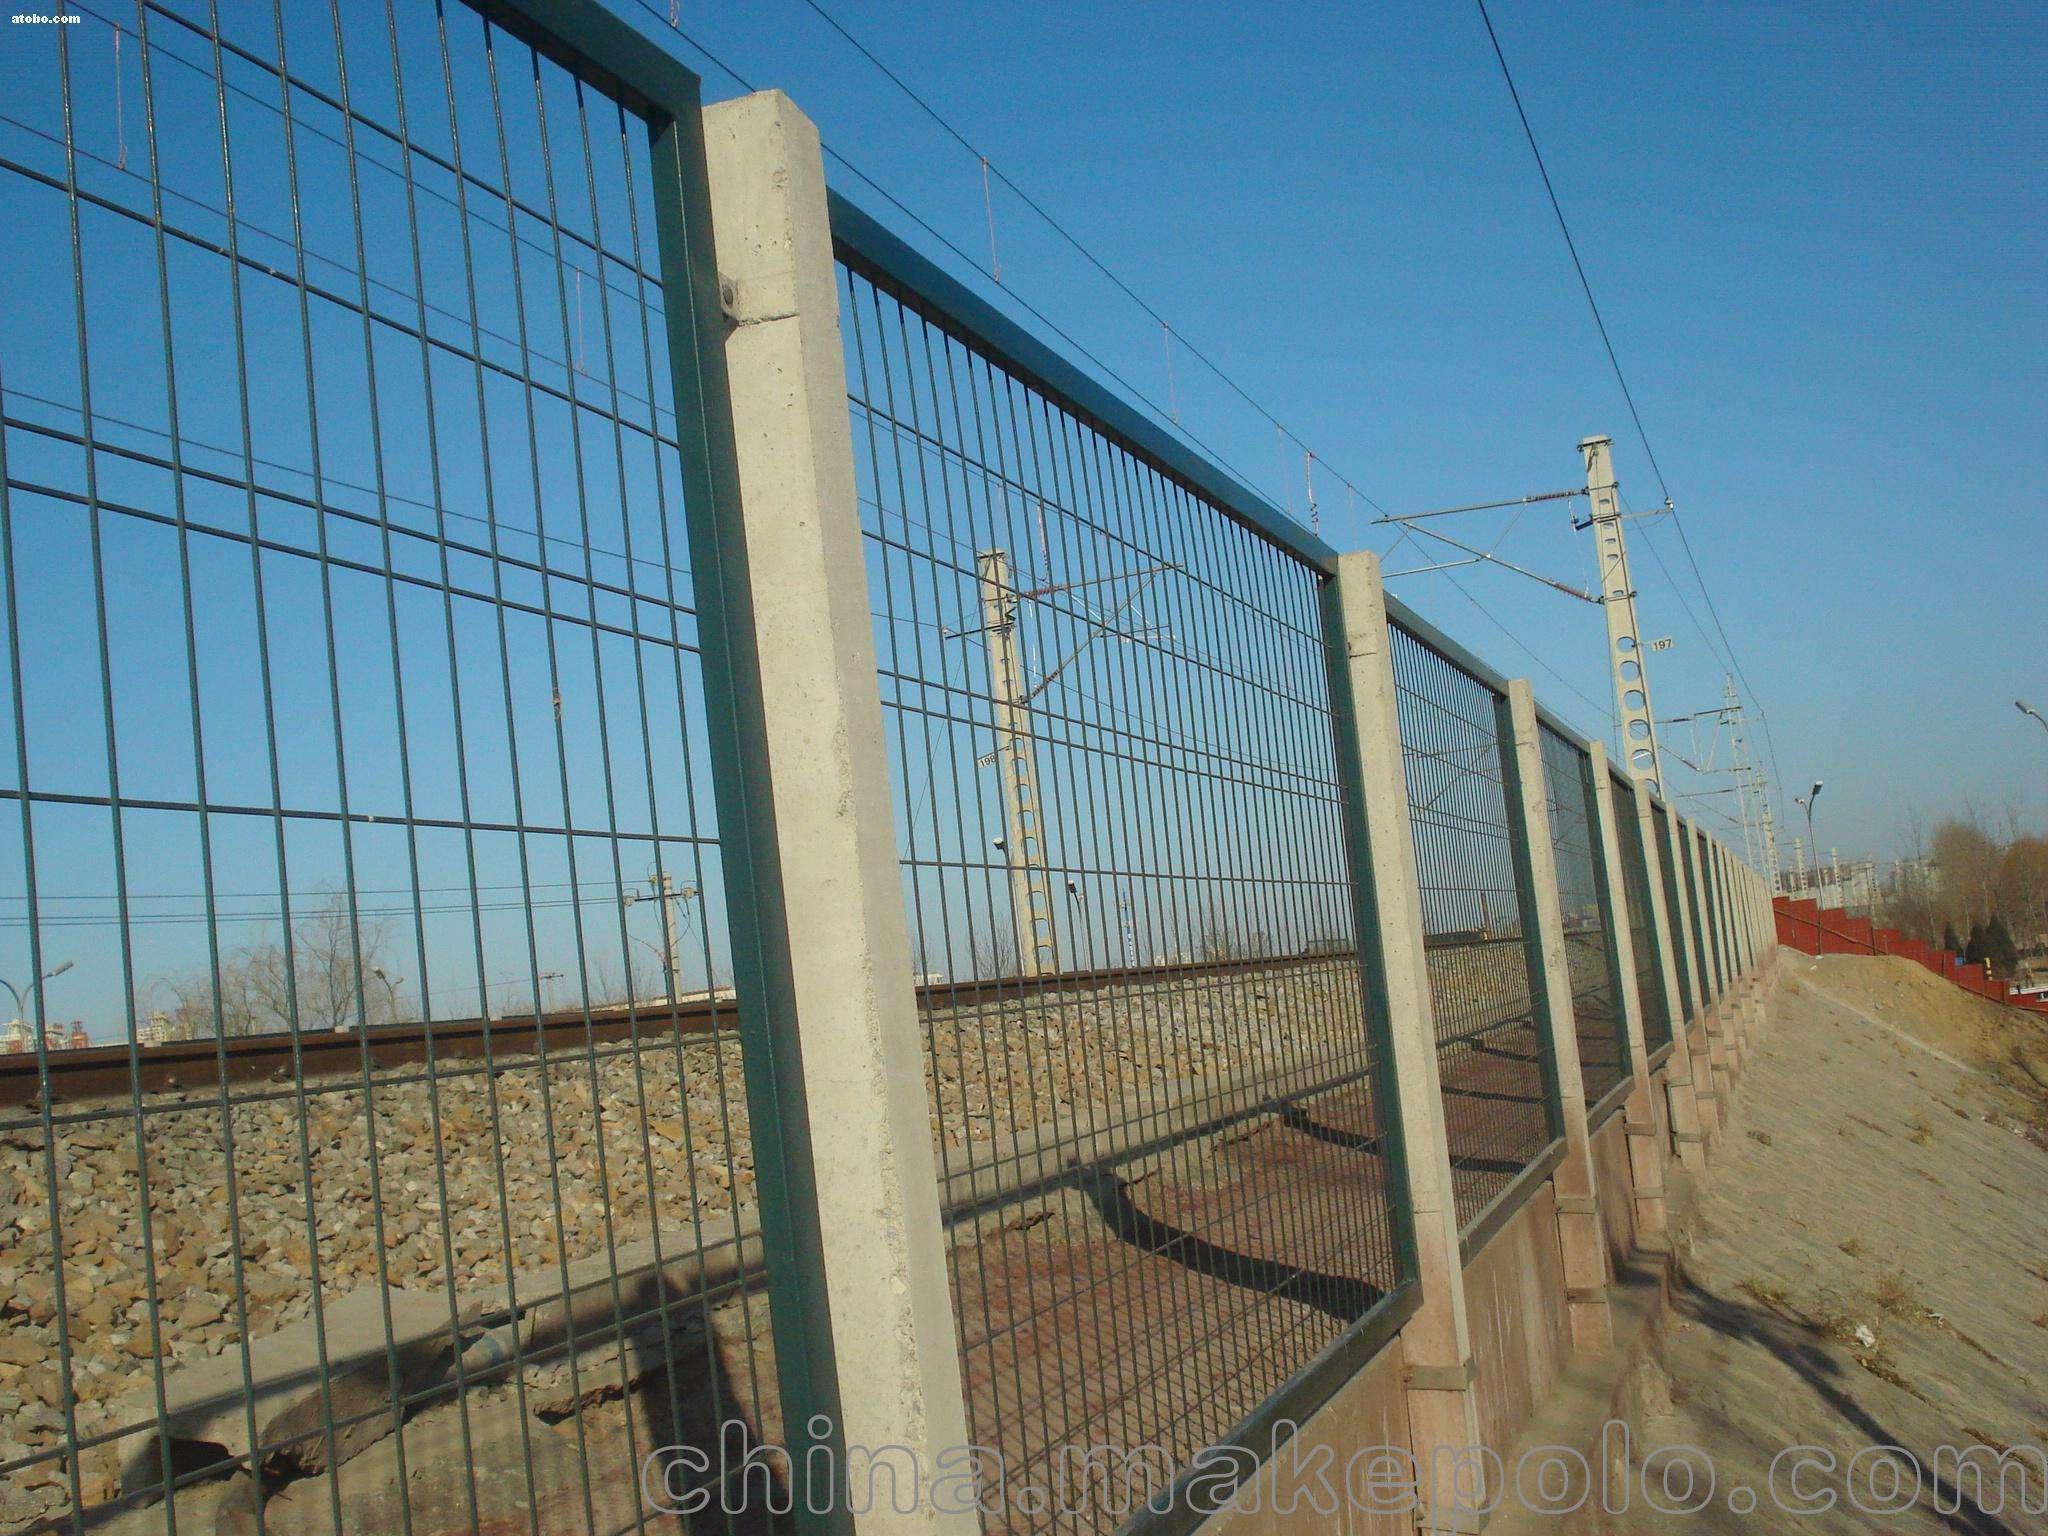 【兰州铁路护栏厂家】_优质兰州铁路护栏厂家_兰州... - 阿里巴巴